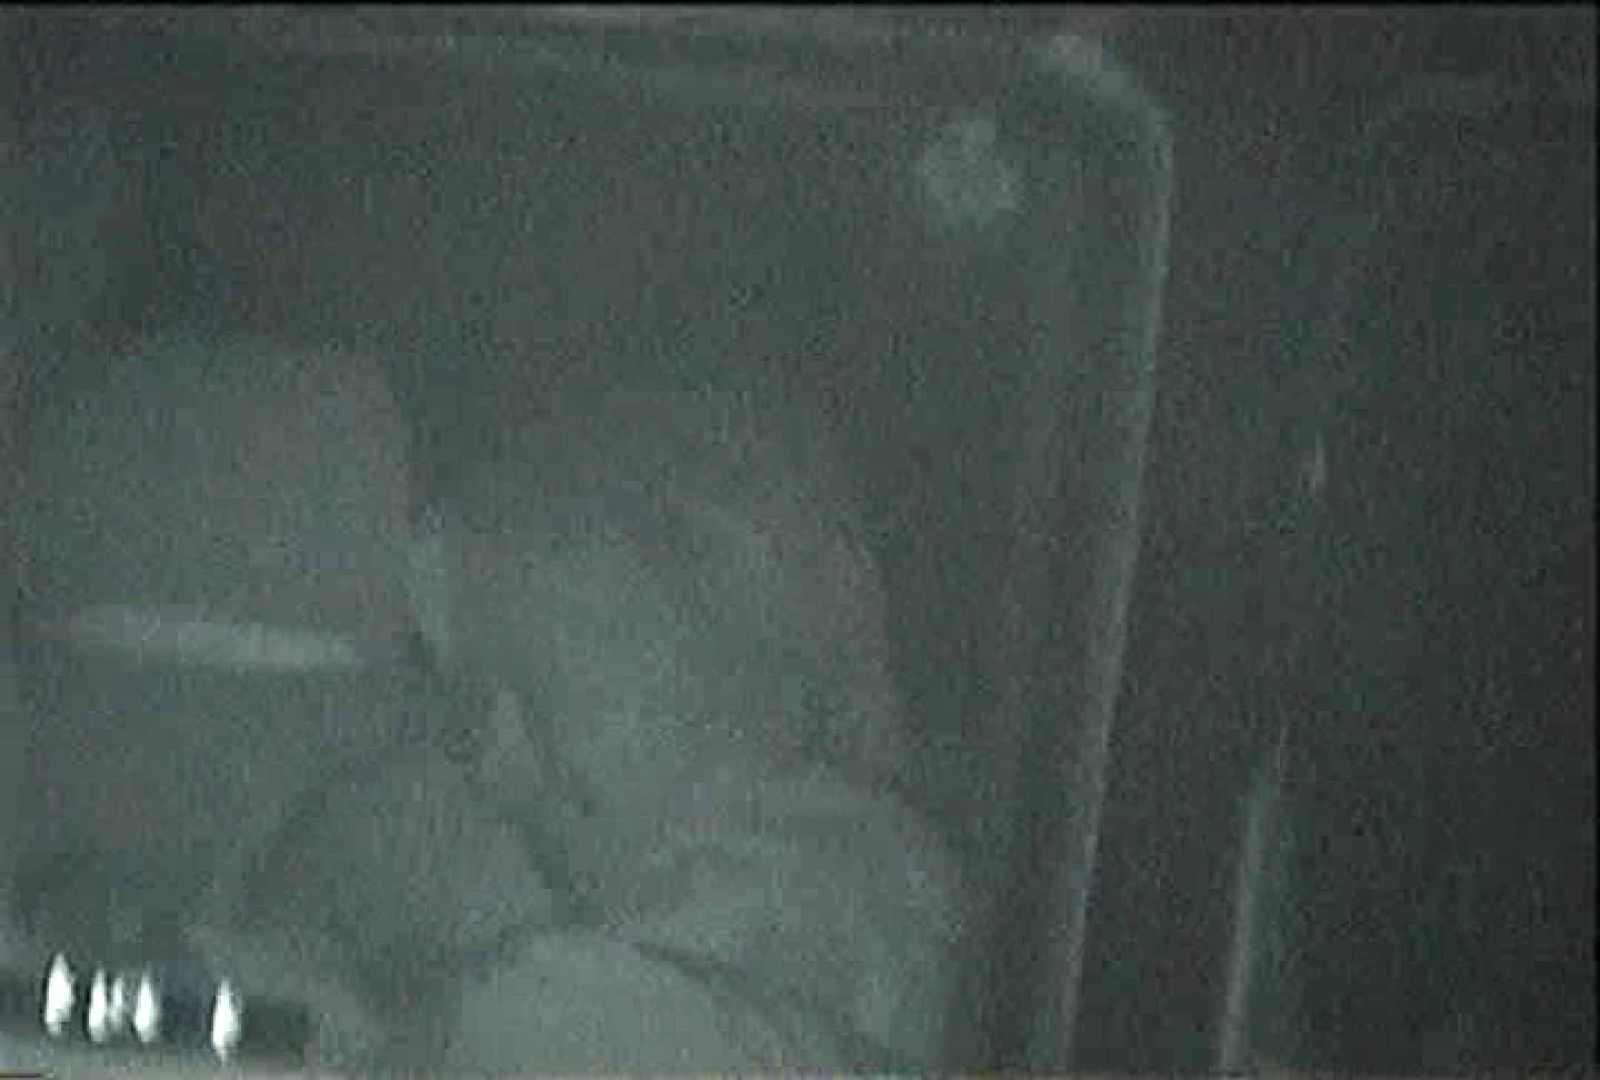 充血監督の深夜の運動会Vol.80 ギャルのエロ動画 | エッチなセックス  85画像 85